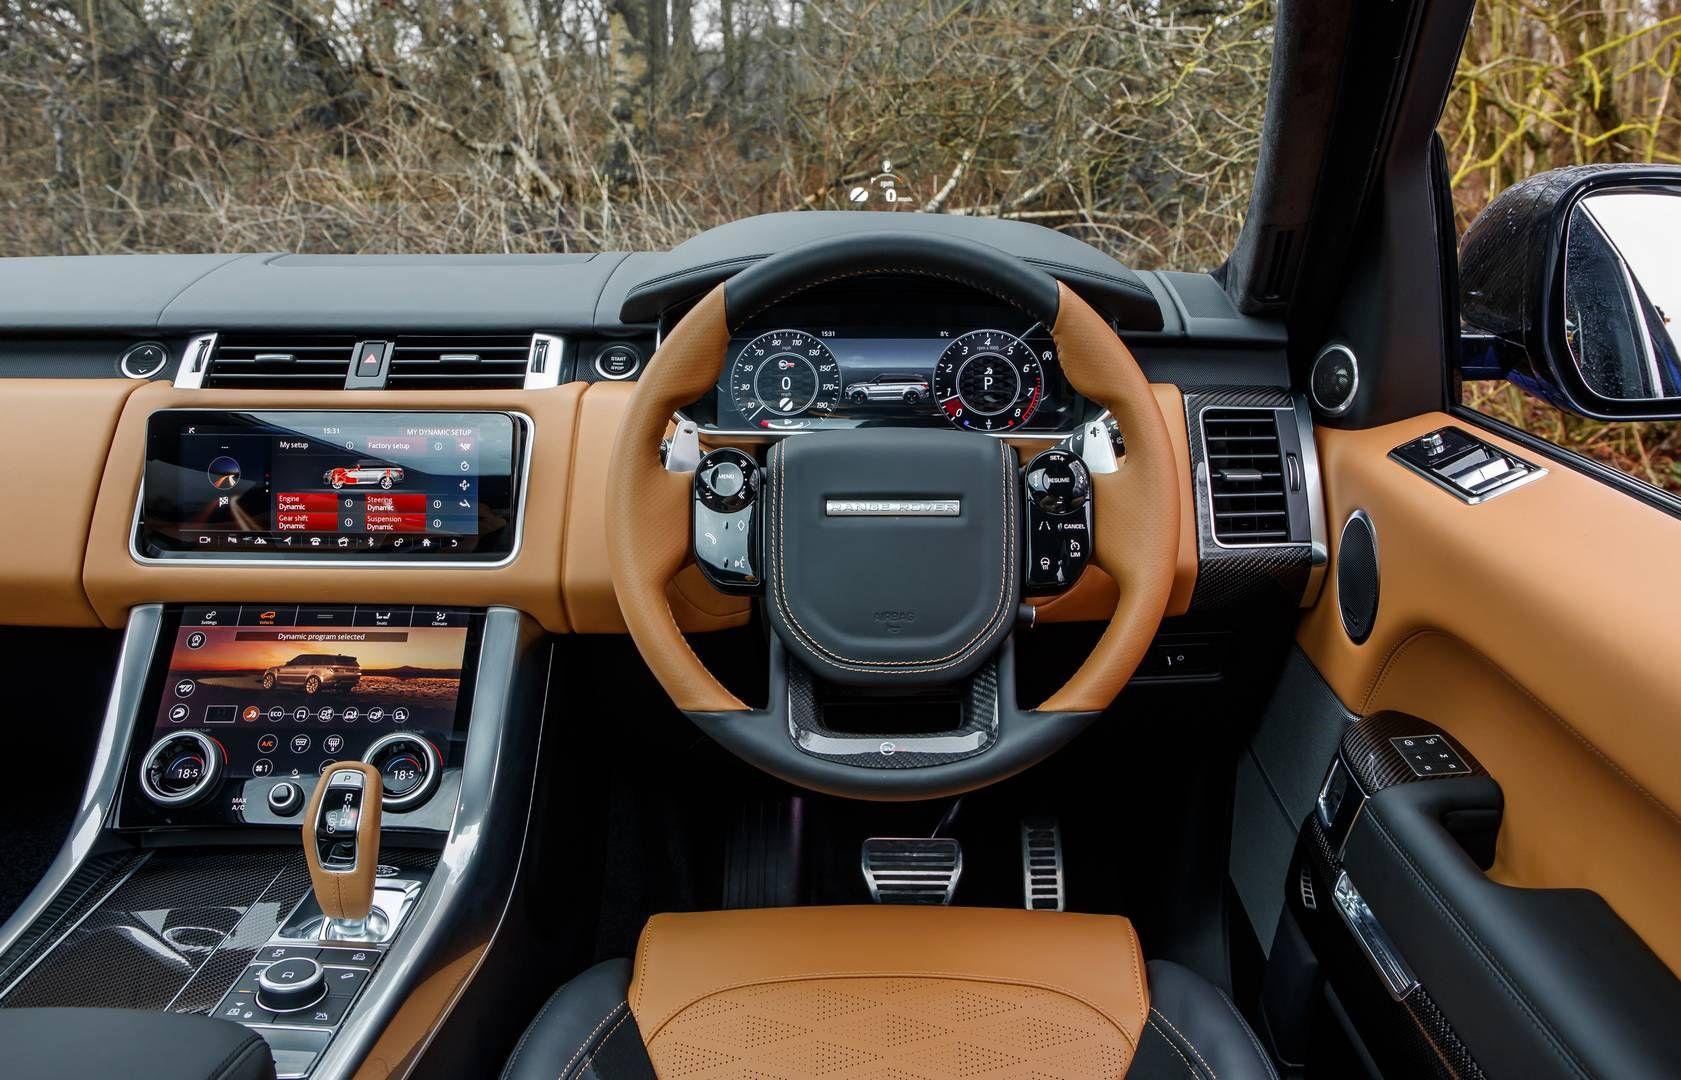 2018 Range Rover Sport Svr Review Gtspirit Range Rover Range Rover Interior Range Rover Sport 2018